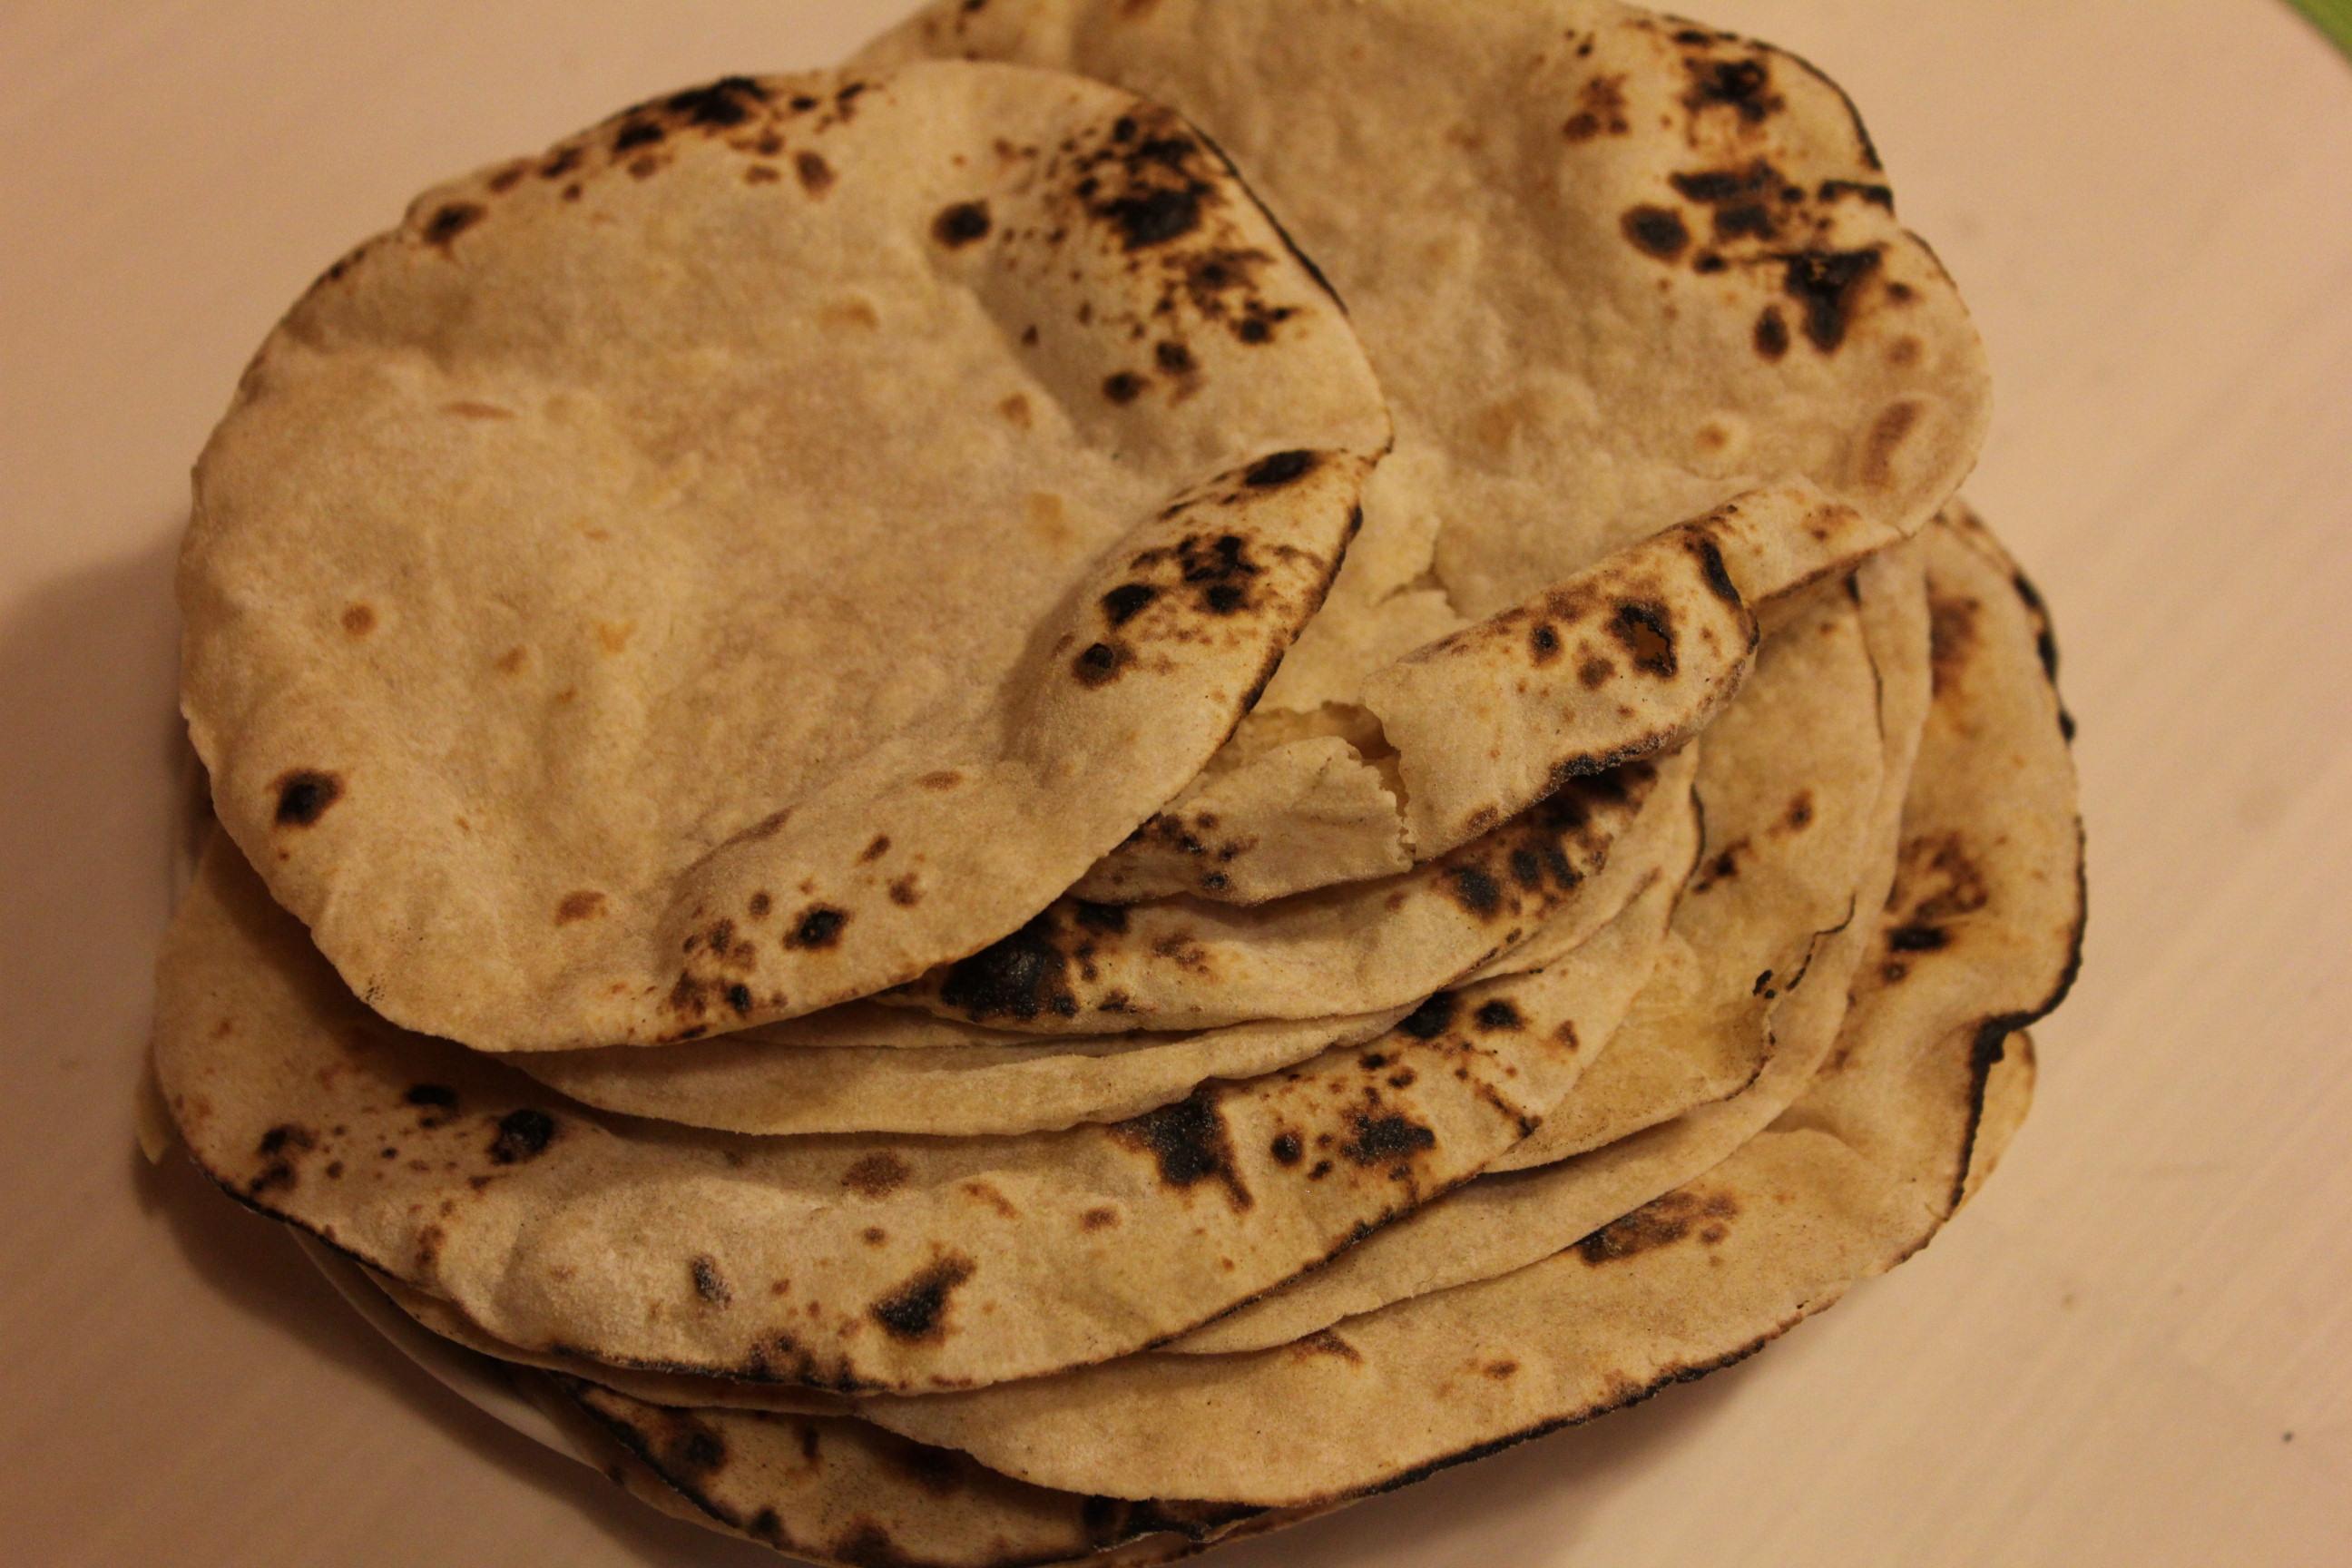 インドの薄焼きパン「チャパティ」のコツと、それに合う料理のレシピ集